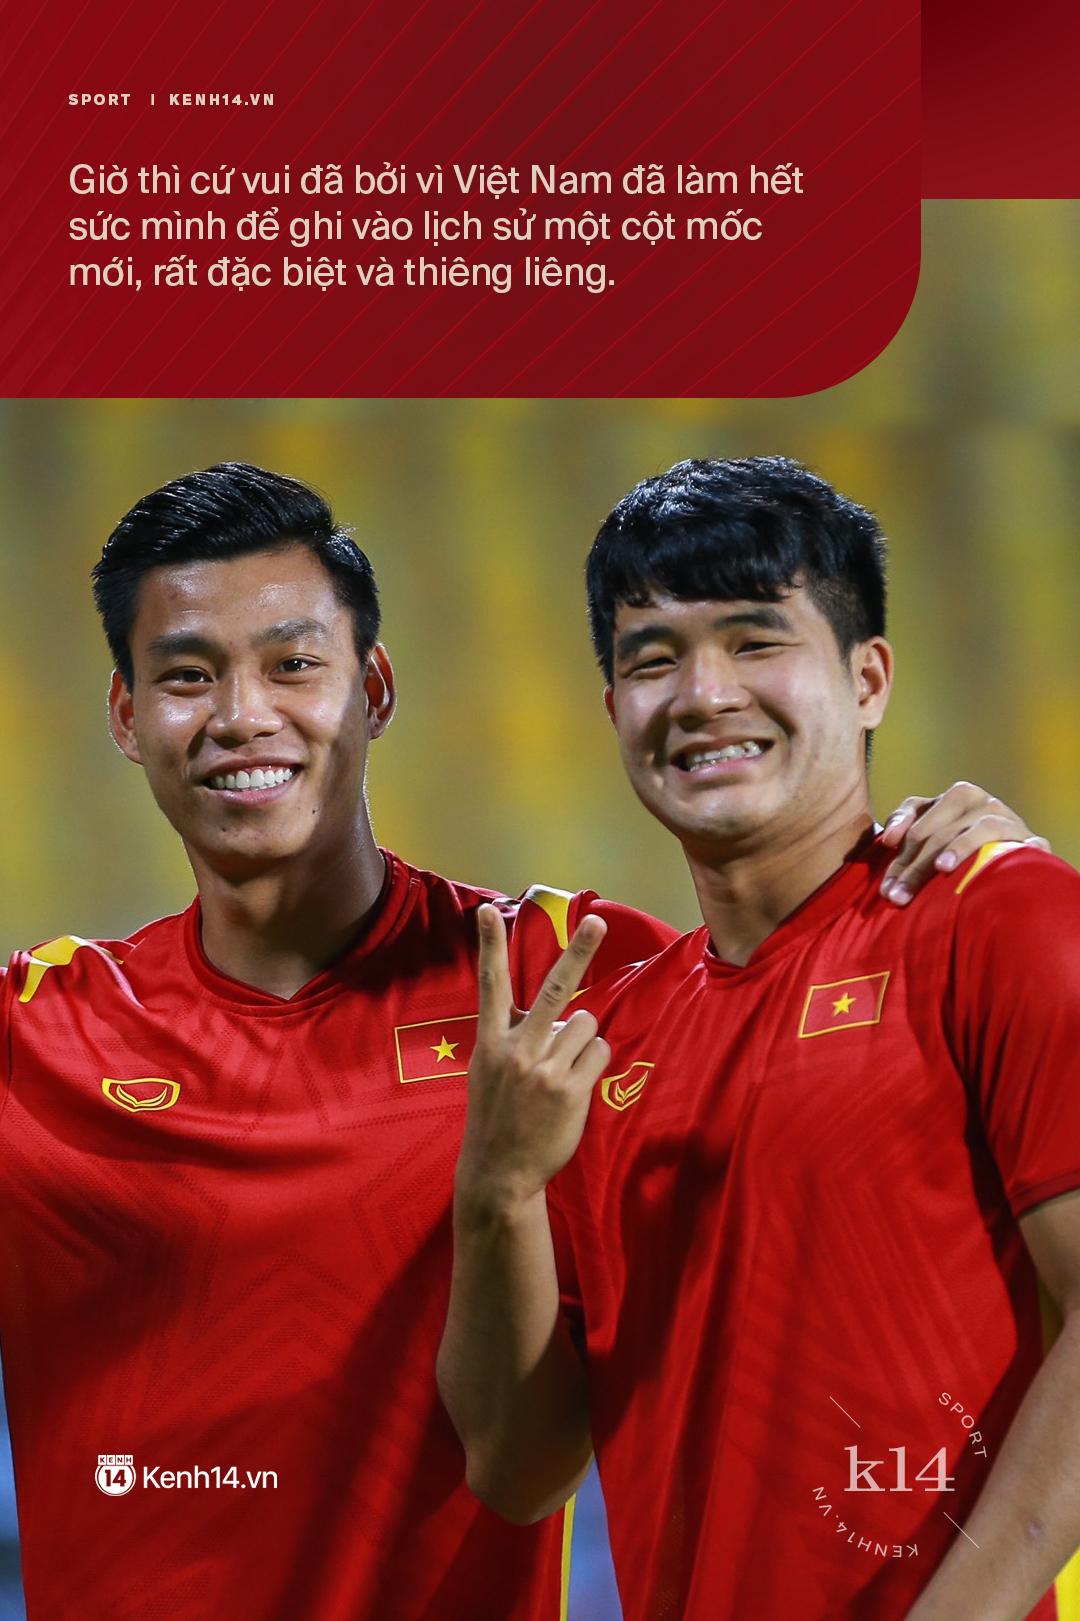 Thua một trận, thắng cả chiến dịch: Và lịch sử bóng đá Việt Nam vẫn đang được viết tiếp! - Ảnh 8.